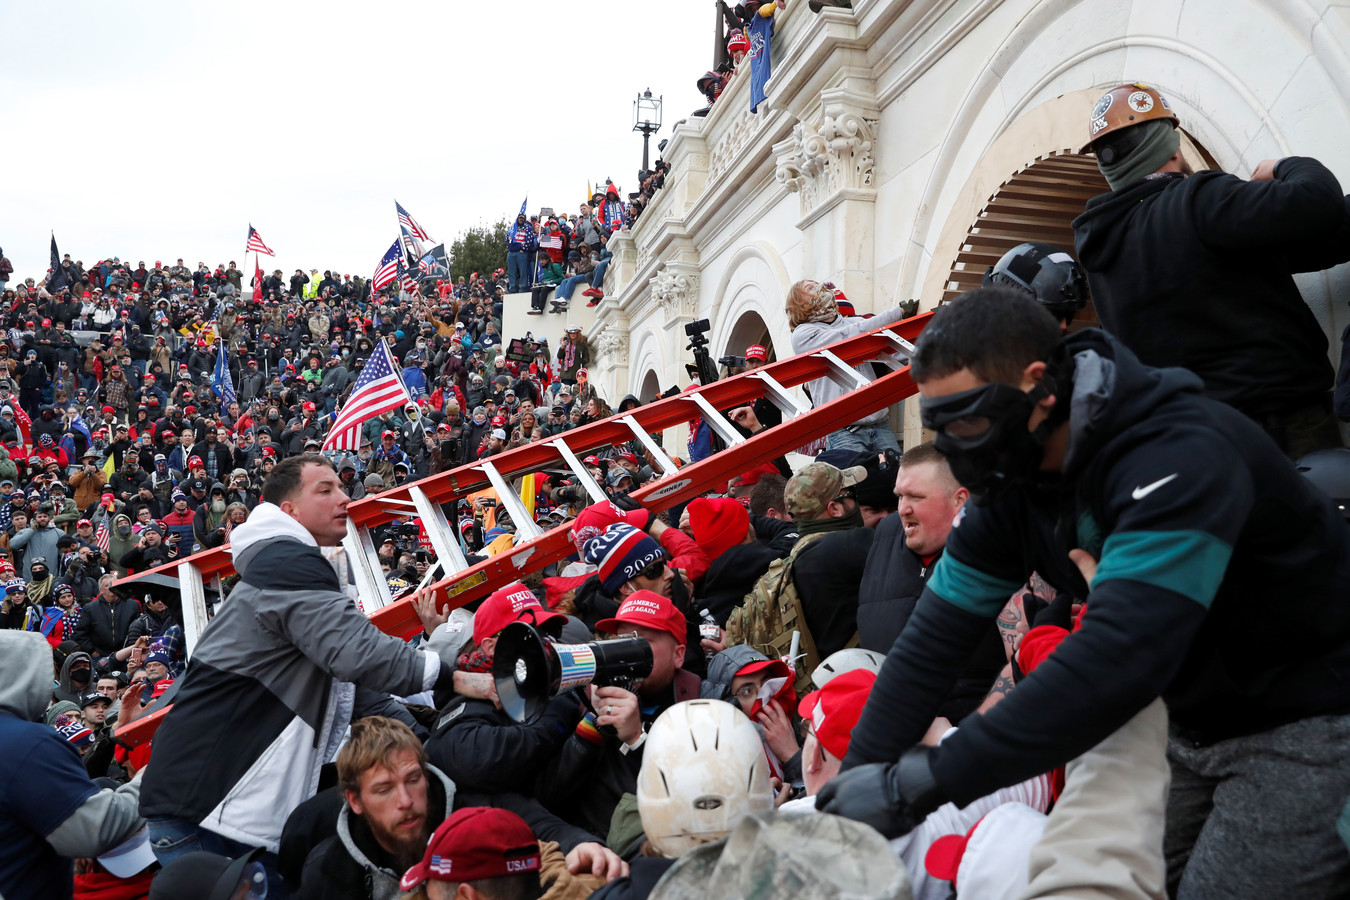 De bestorming van het Capitool.